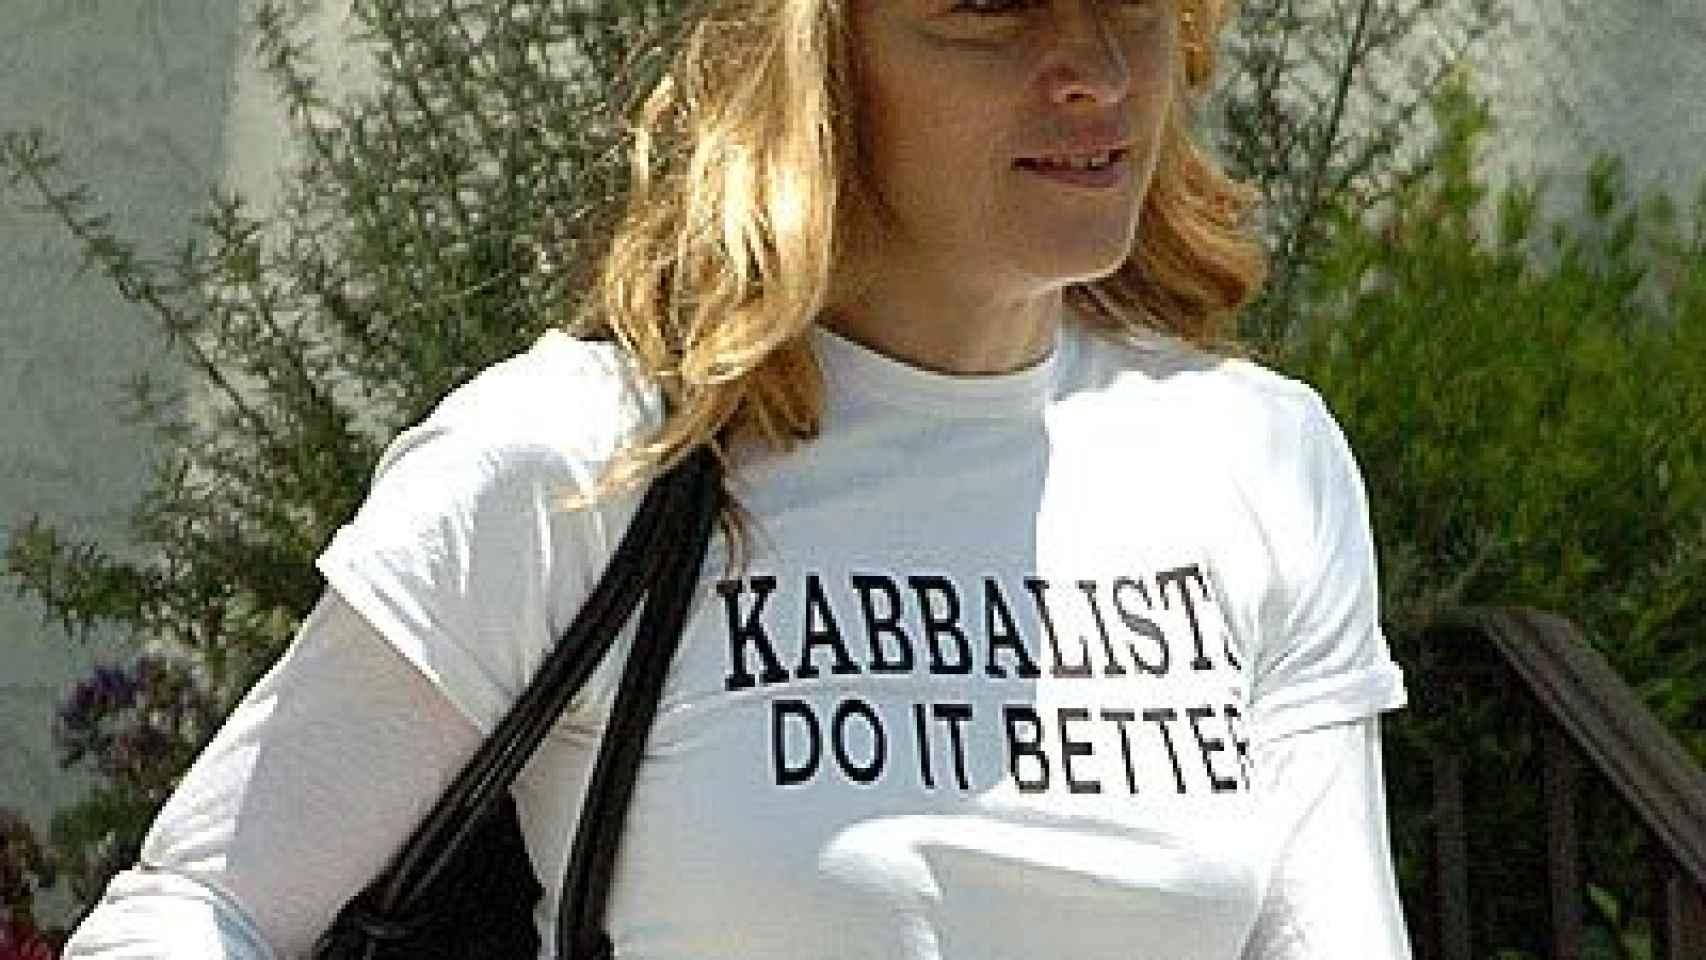 La cantante Madonna con una camiseta de la Cábala